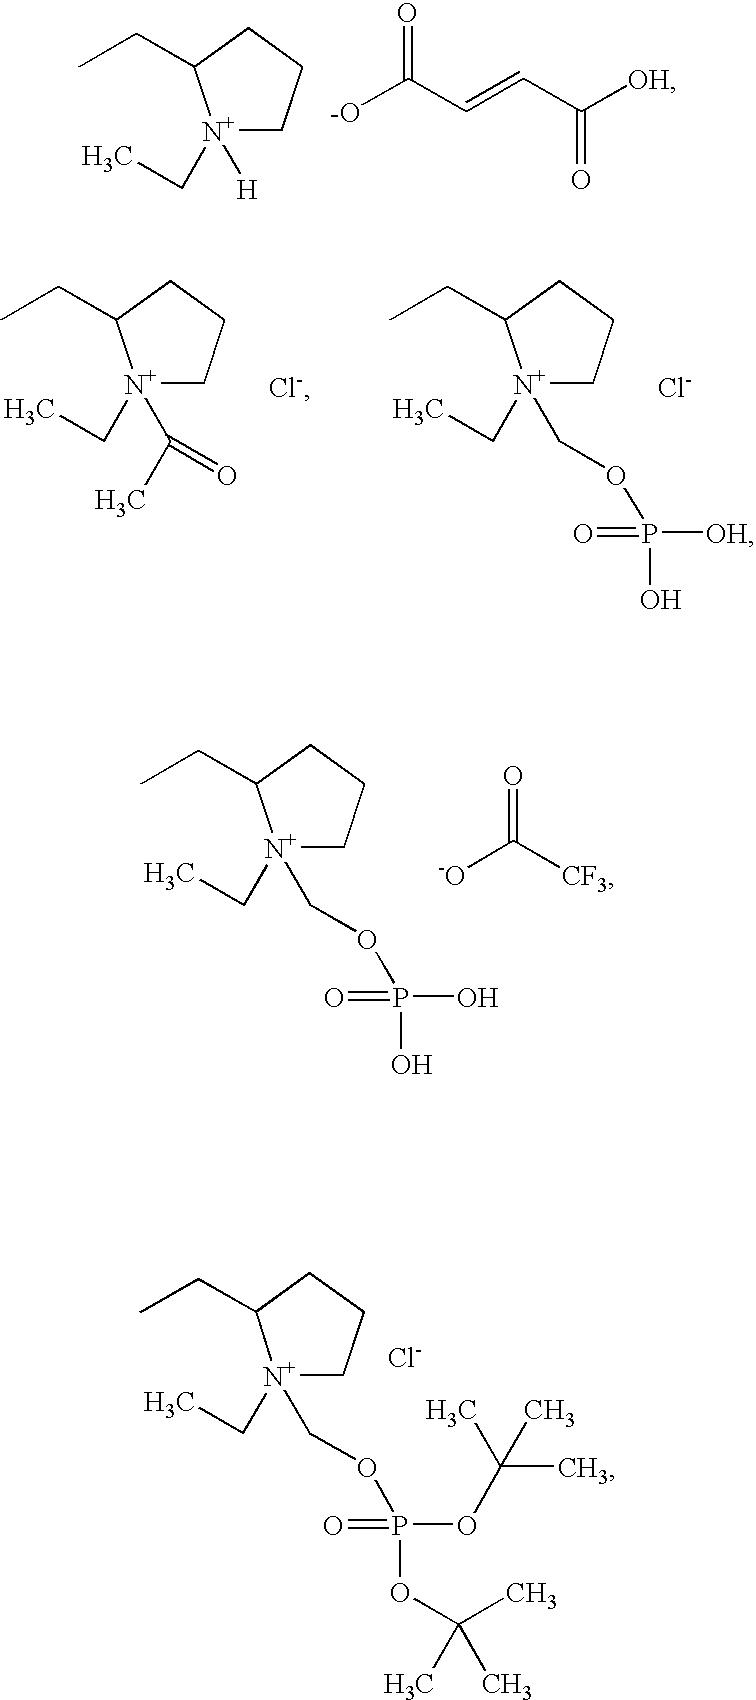 Figure US07112587-20060926-C00127